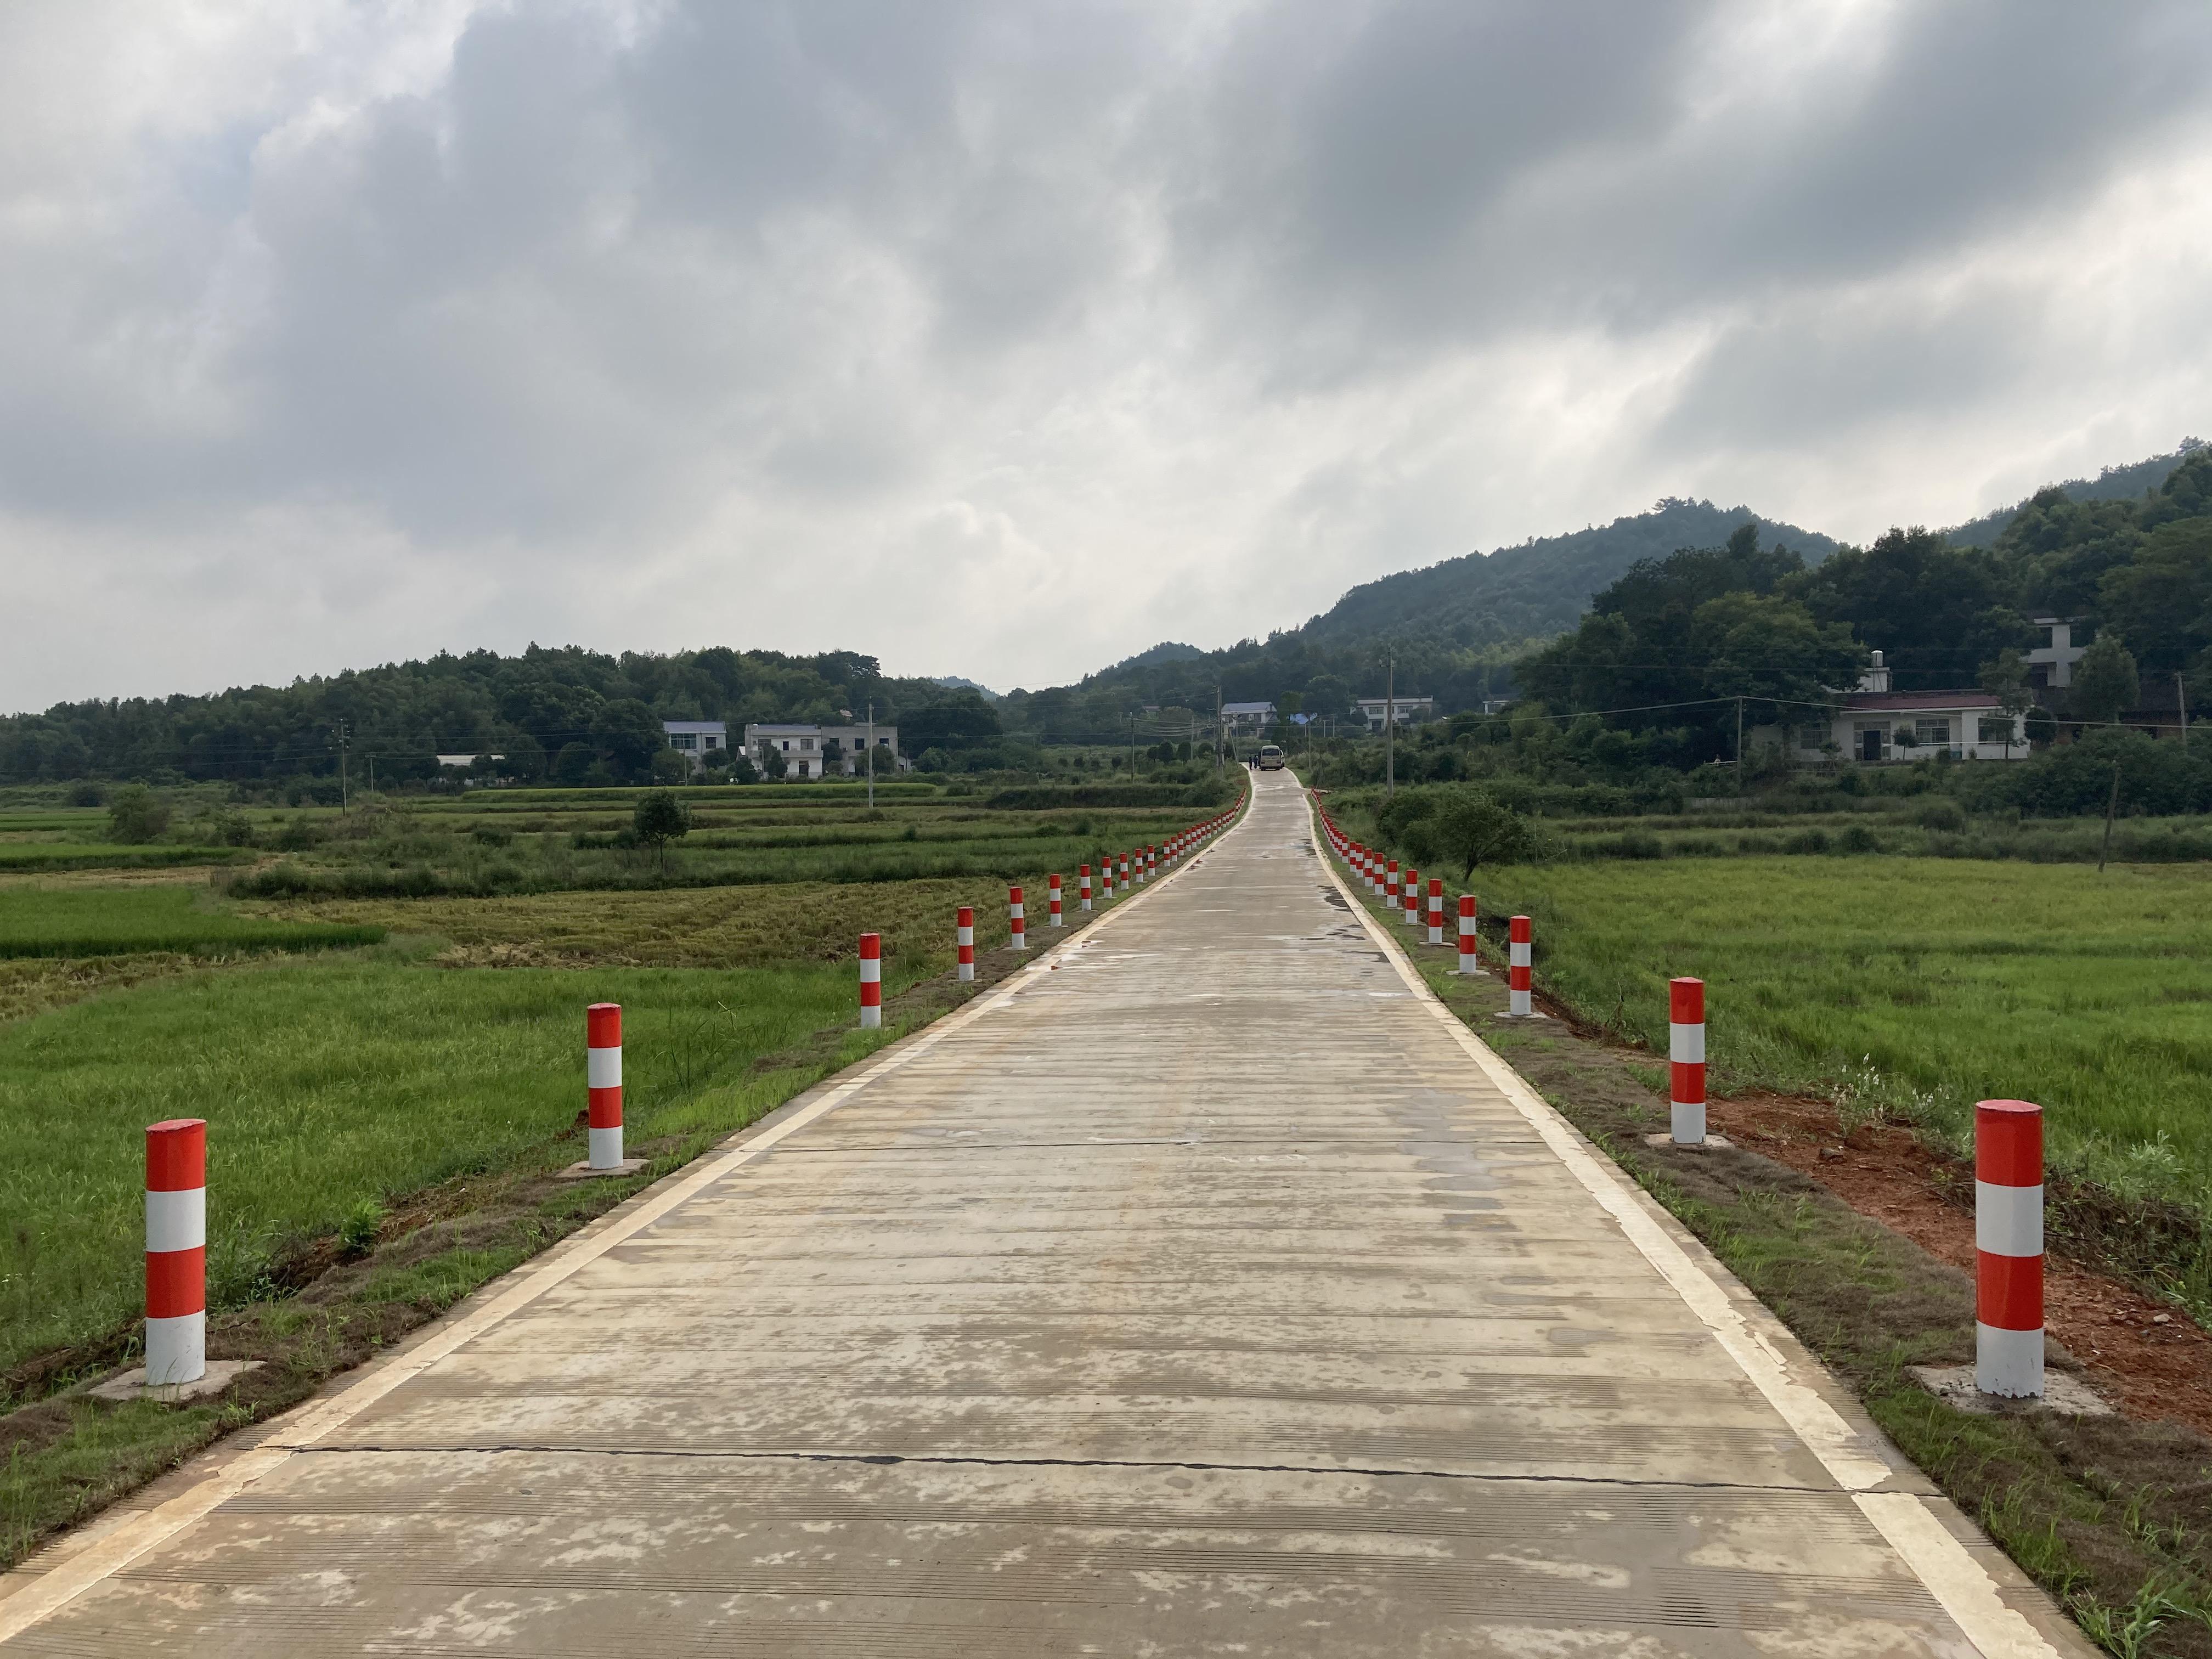 宁乡市道林镇的乡下公路 图 澎湃消休记者 张若婷